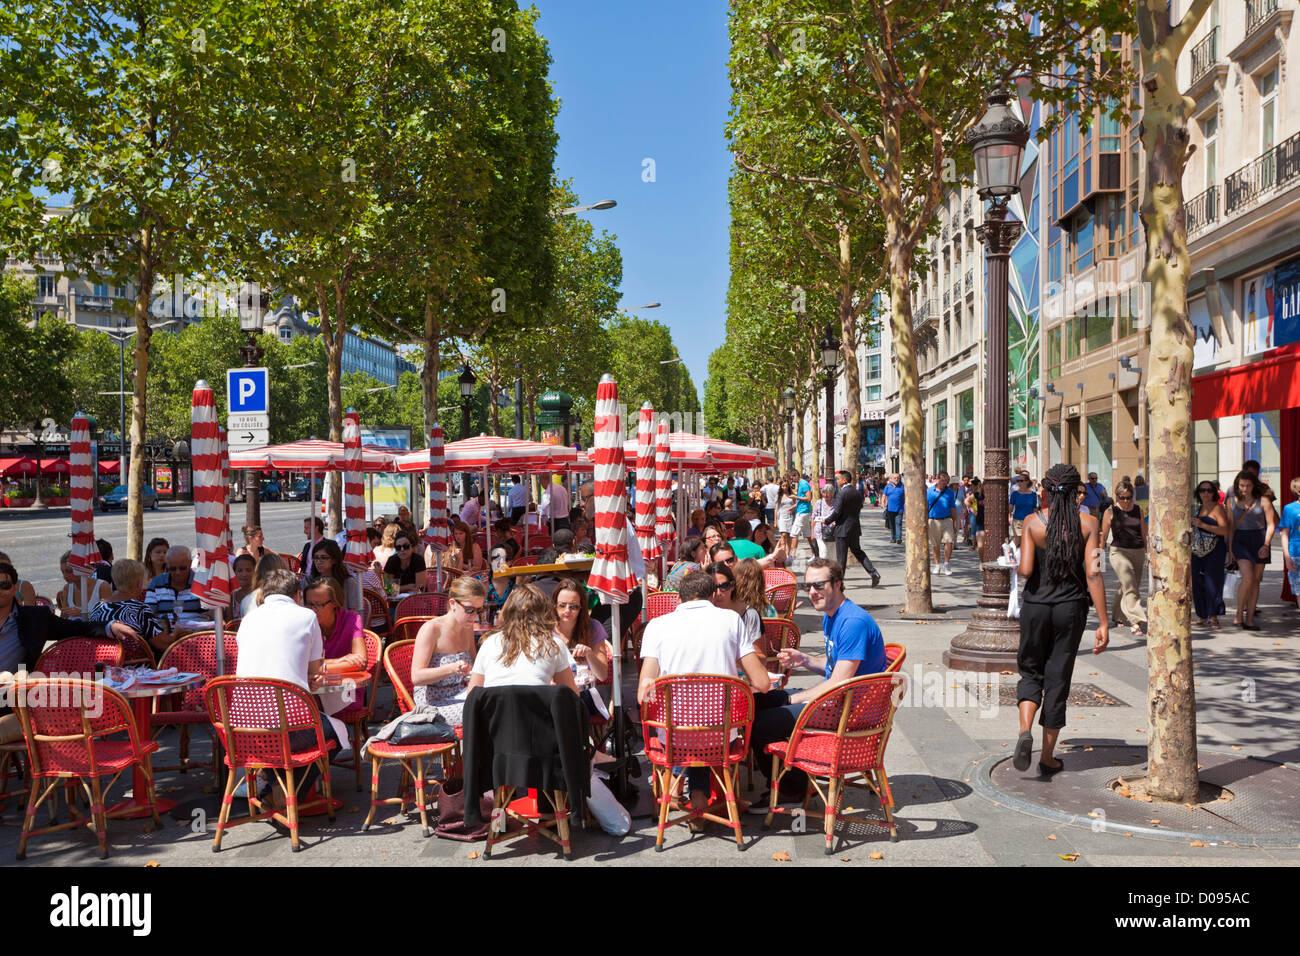 Street Cafe Ely Menu